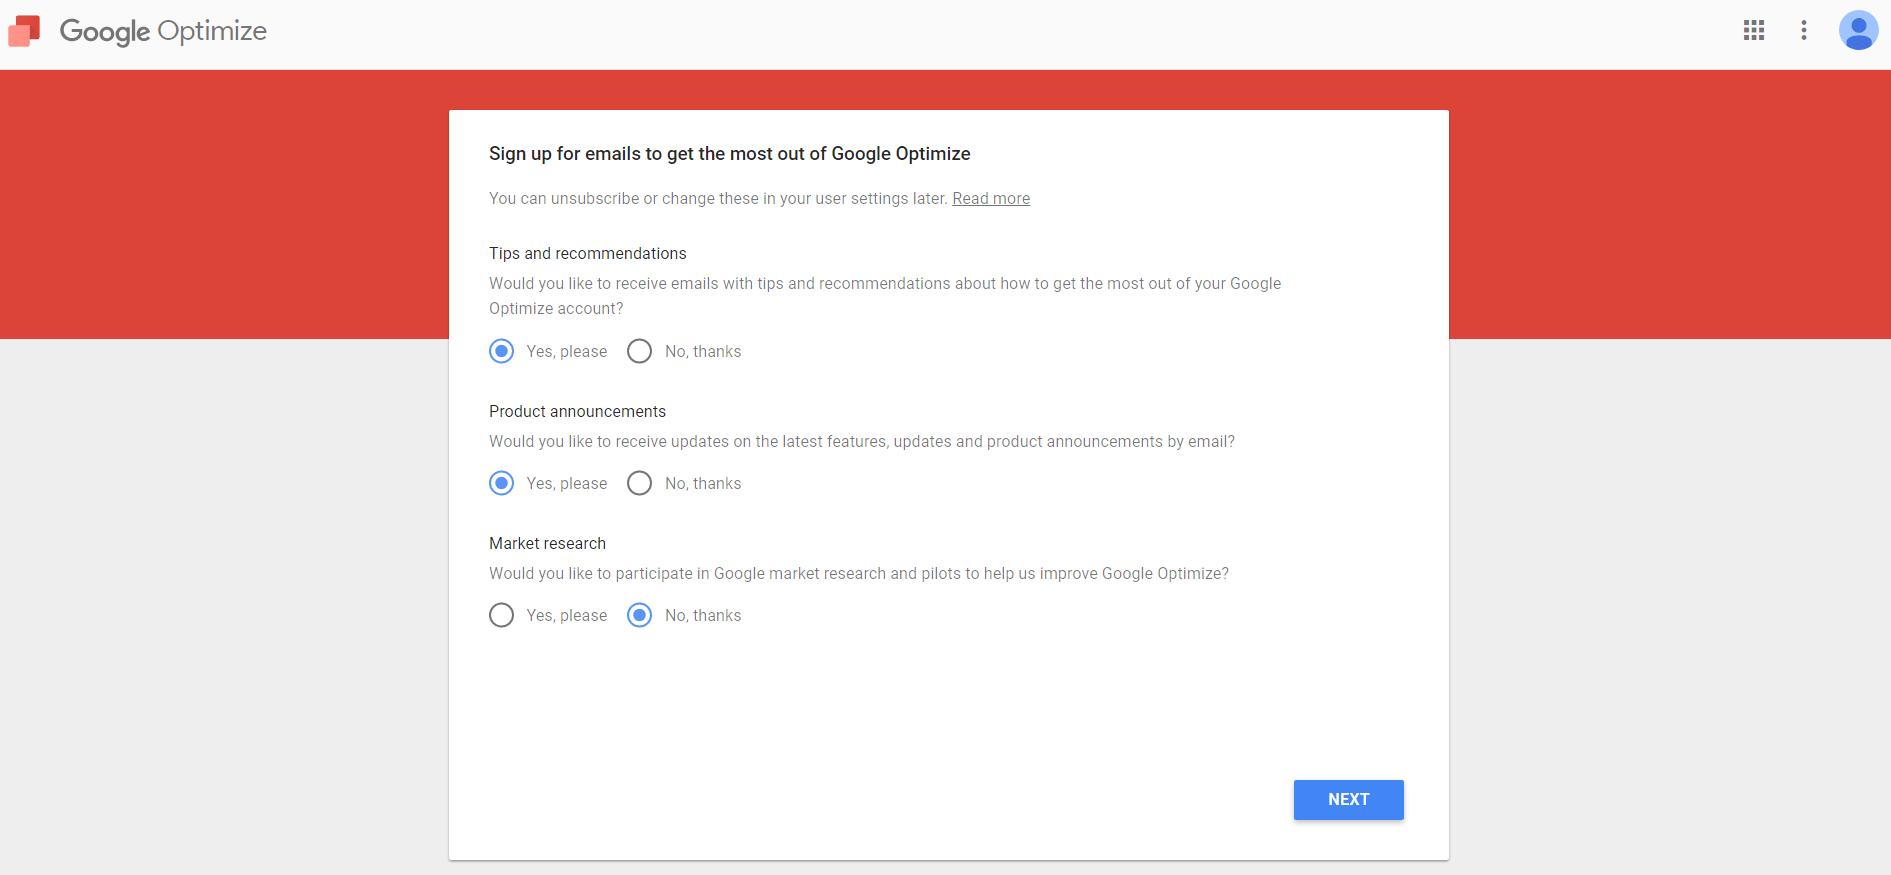 Google Optimize Account Setup: Email Optin